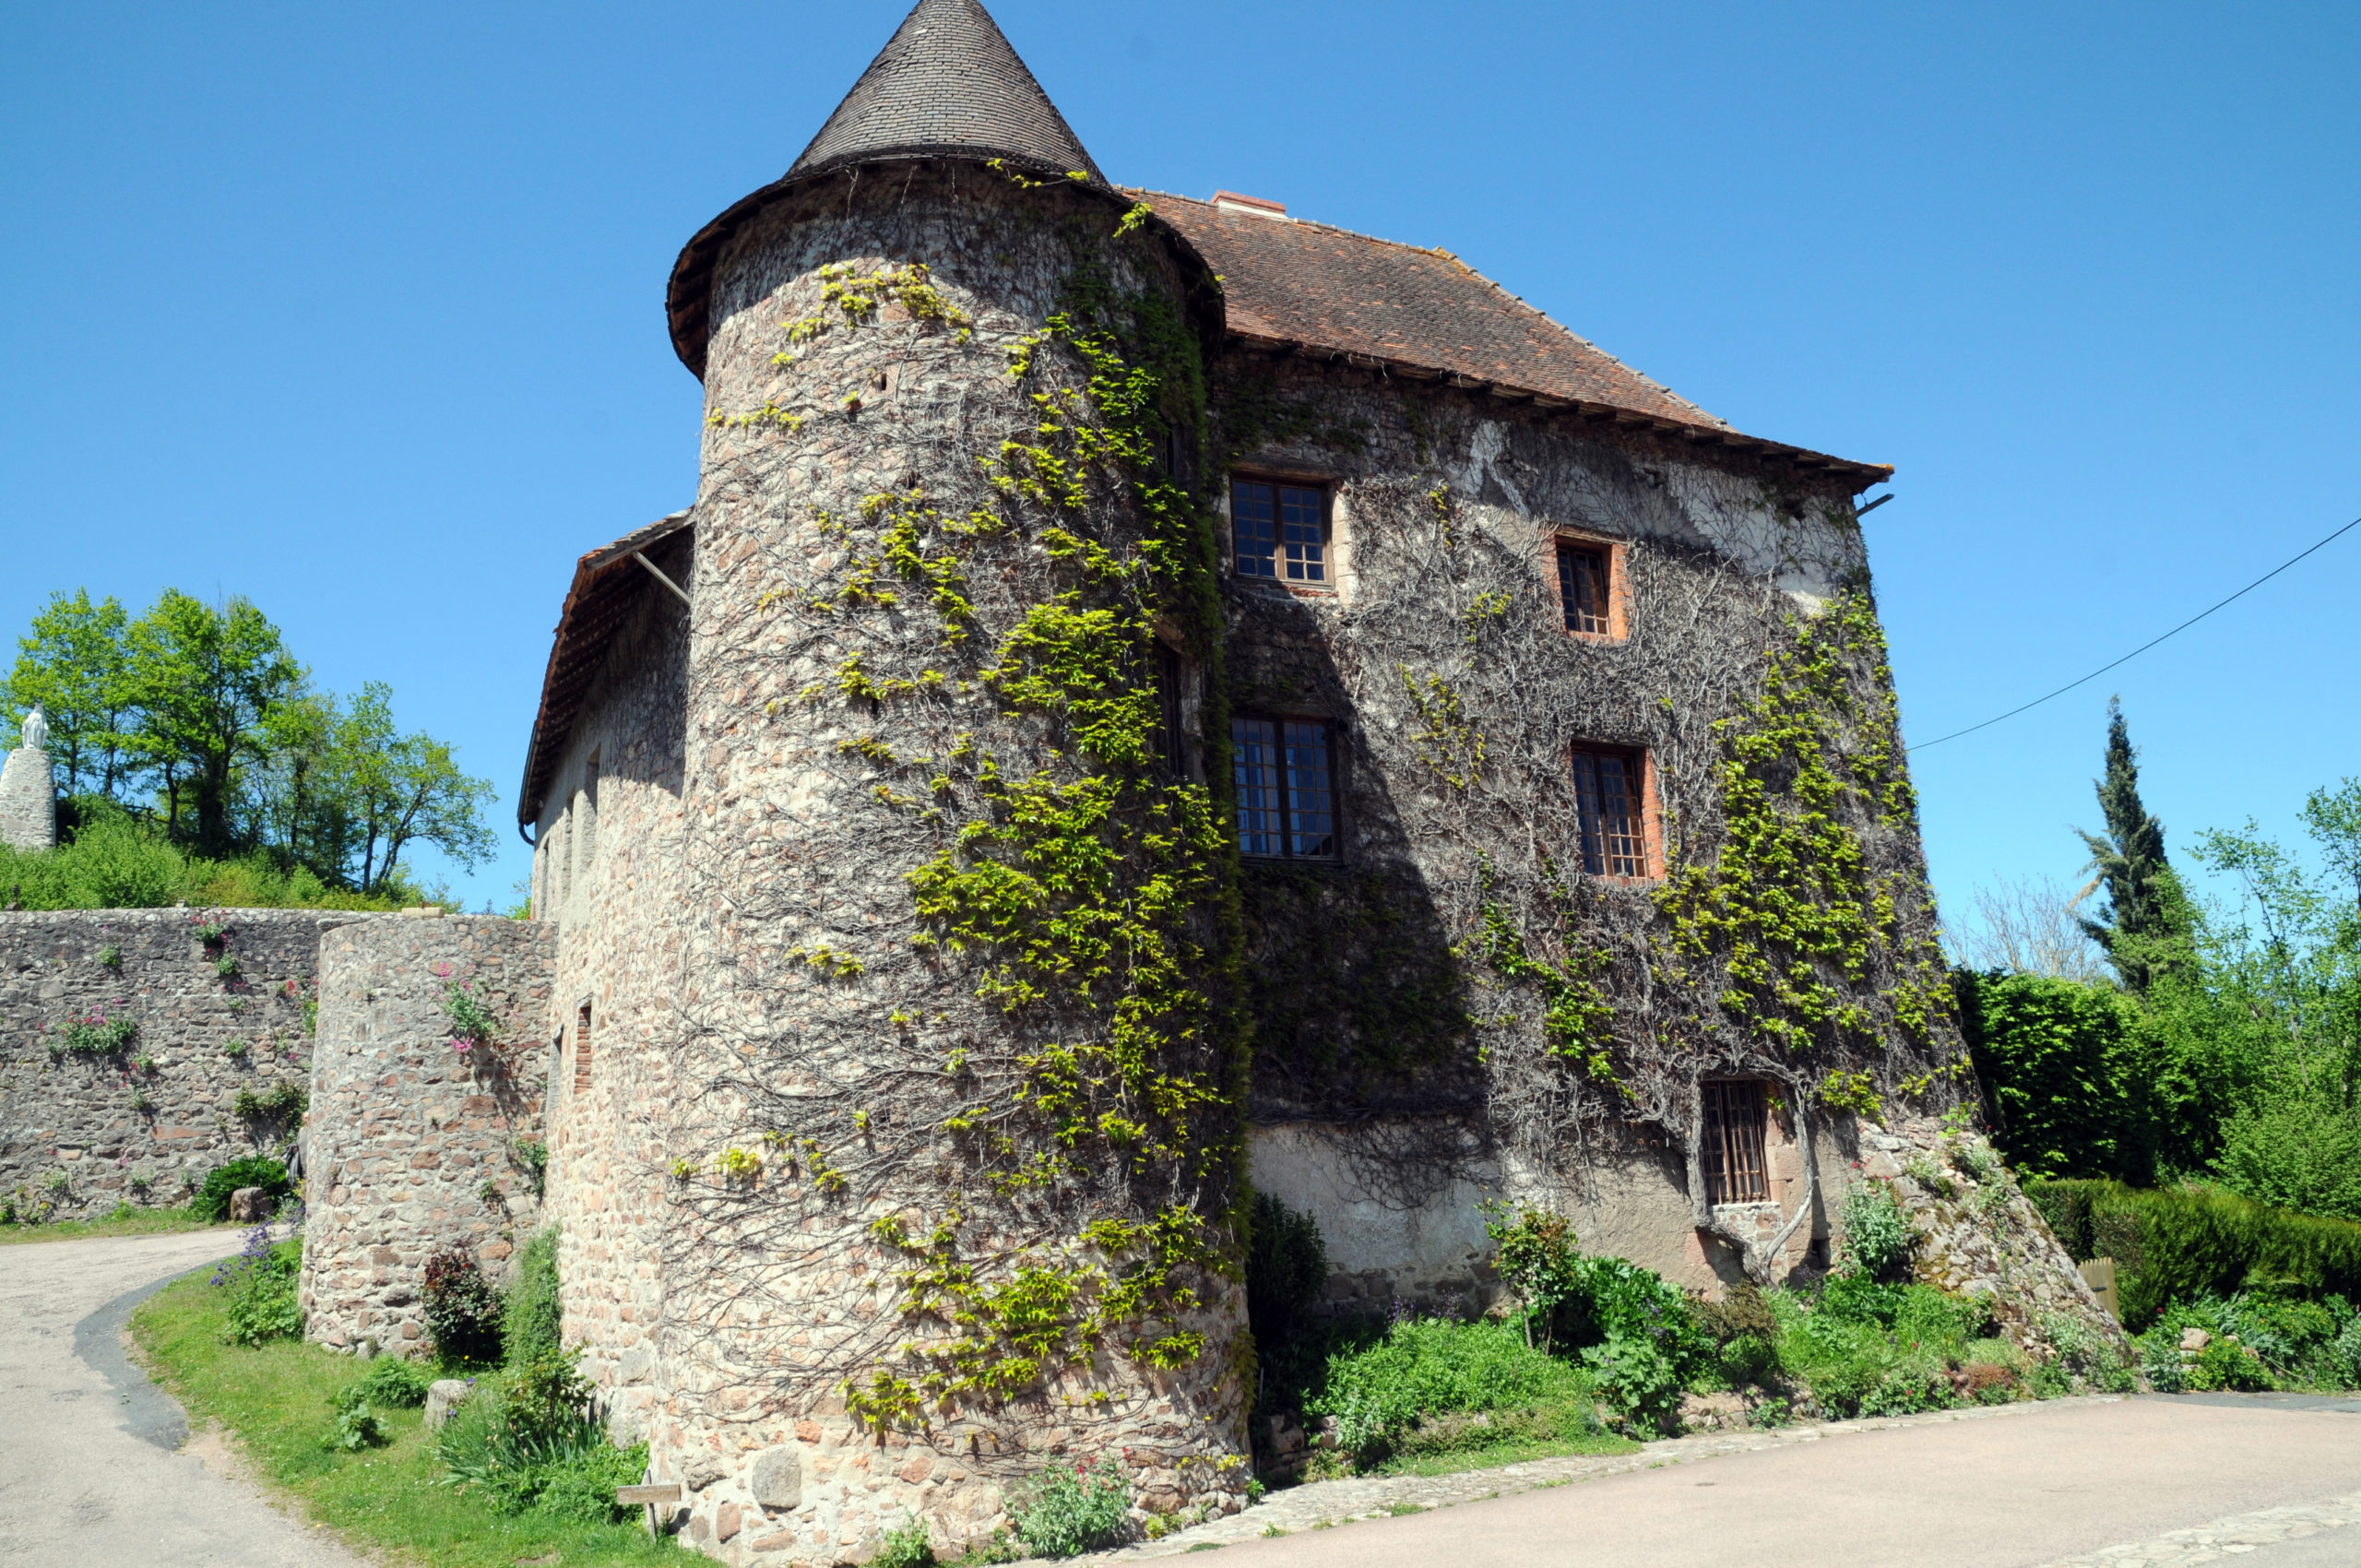 Maison des Dimes